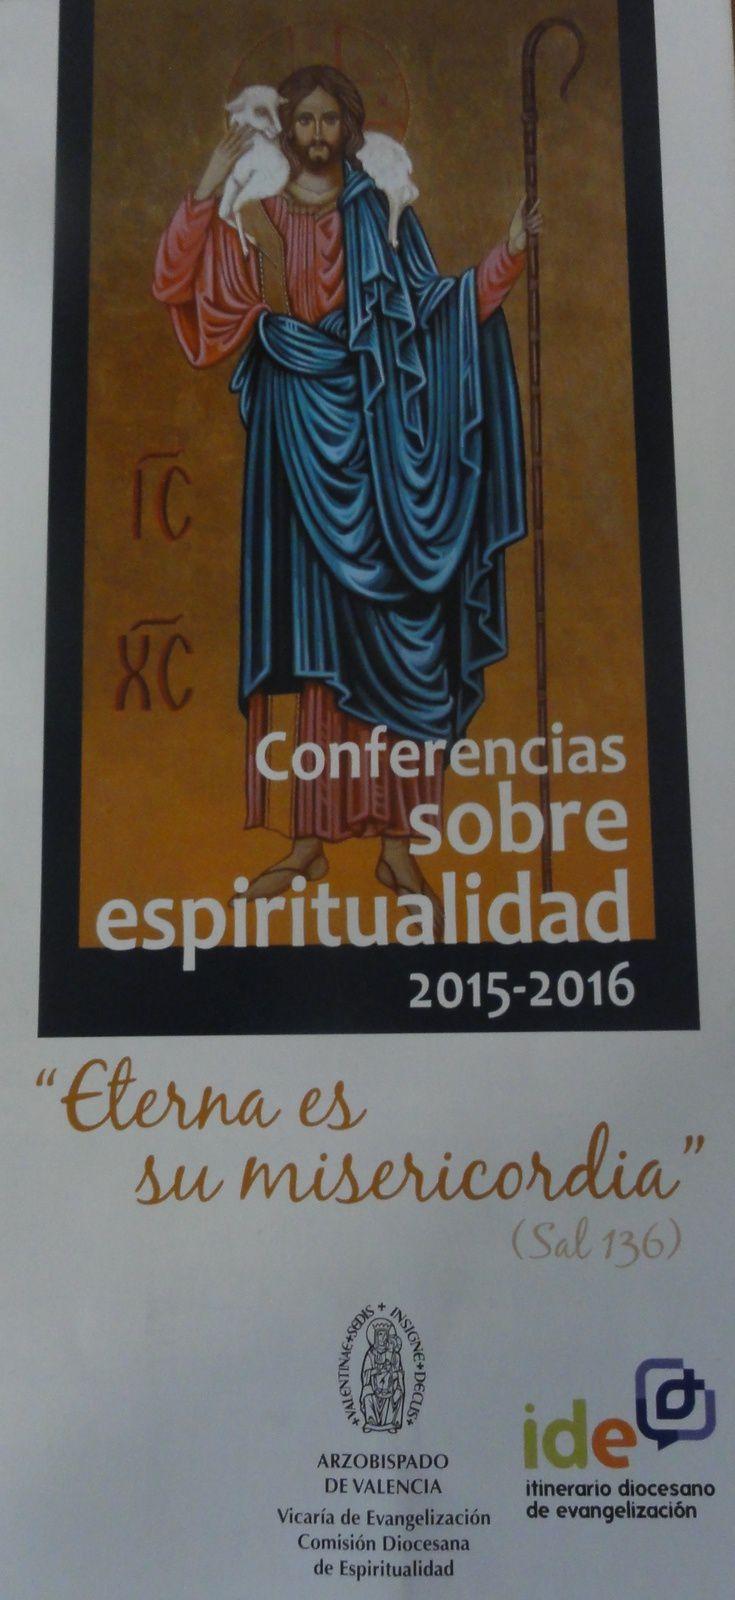 Conferencia - Martes 24 de noviembre - Valencia (Espana)